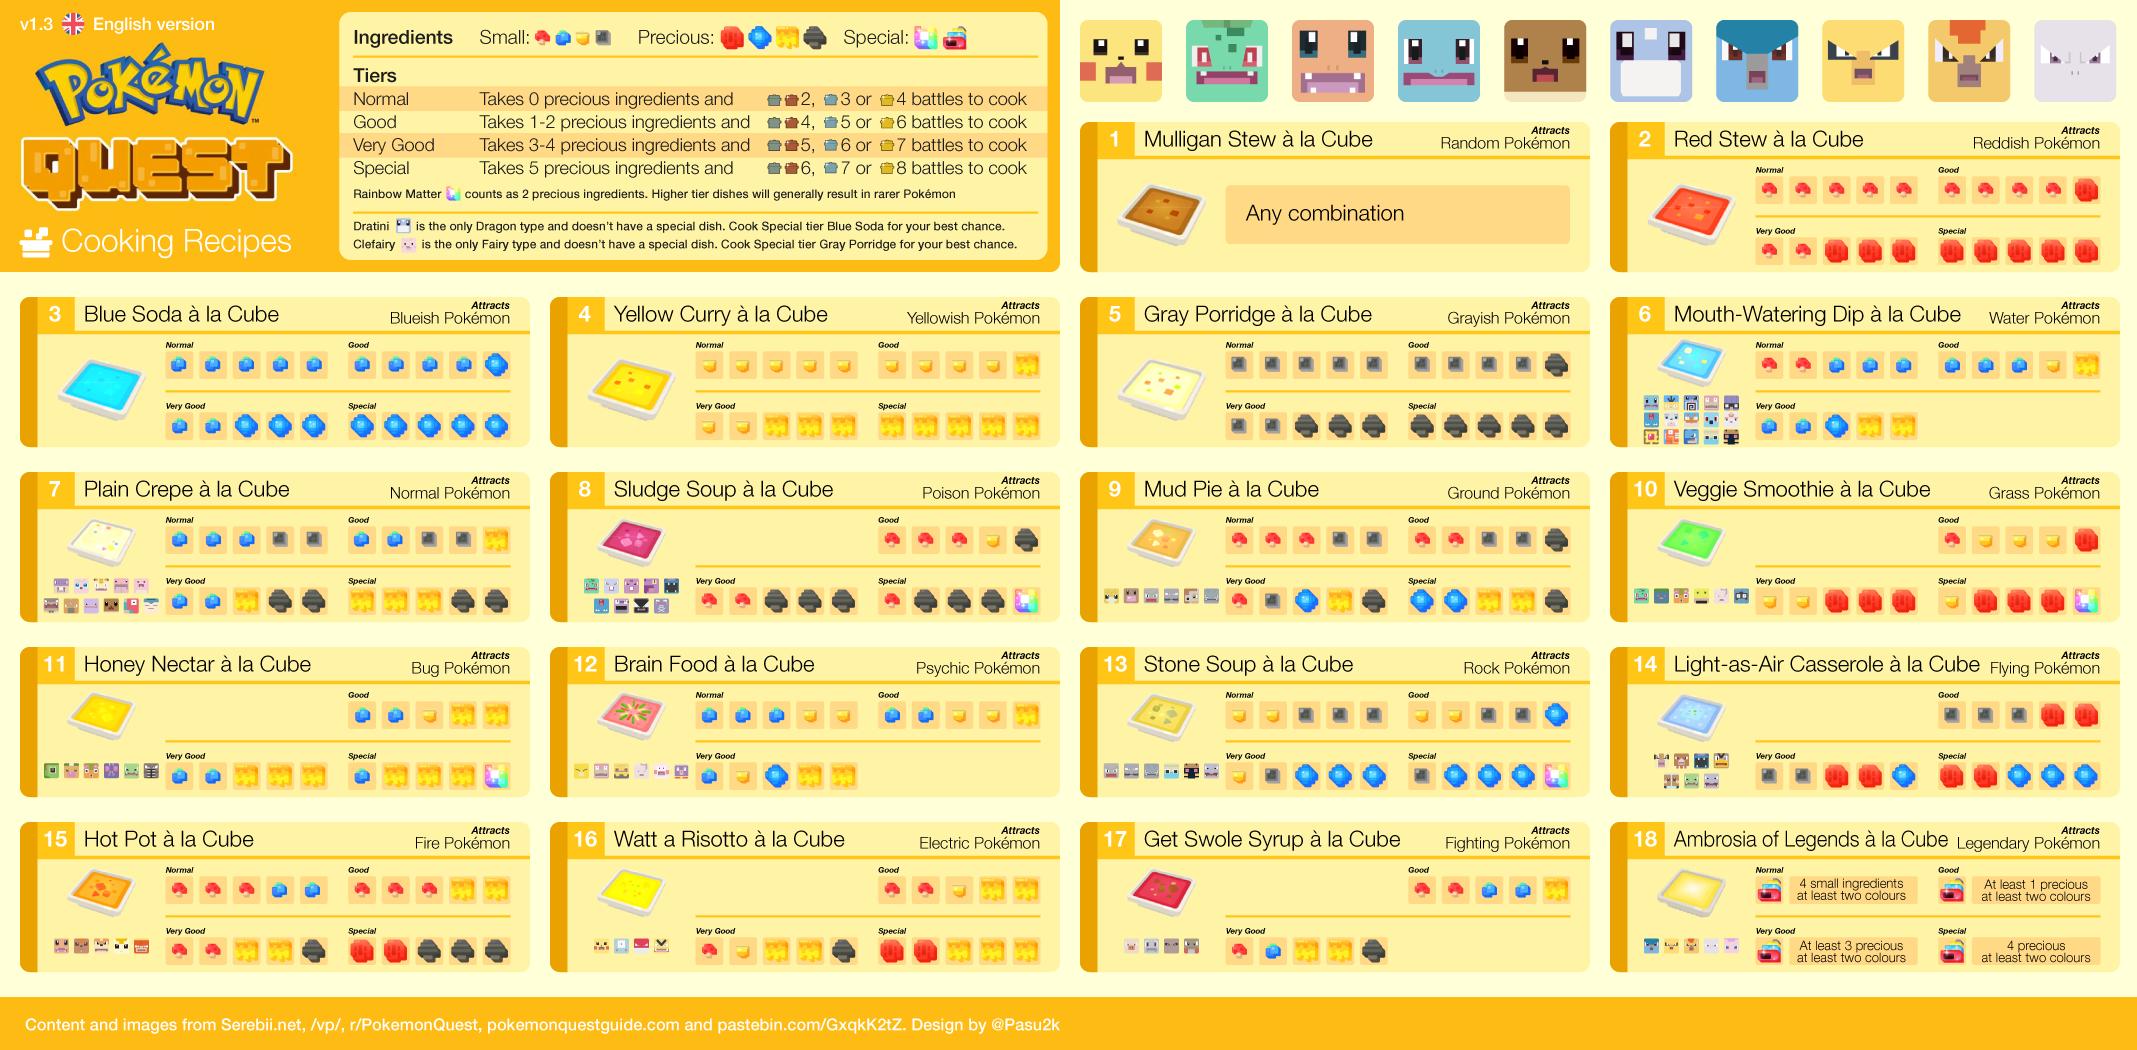 pokemon quest recipes